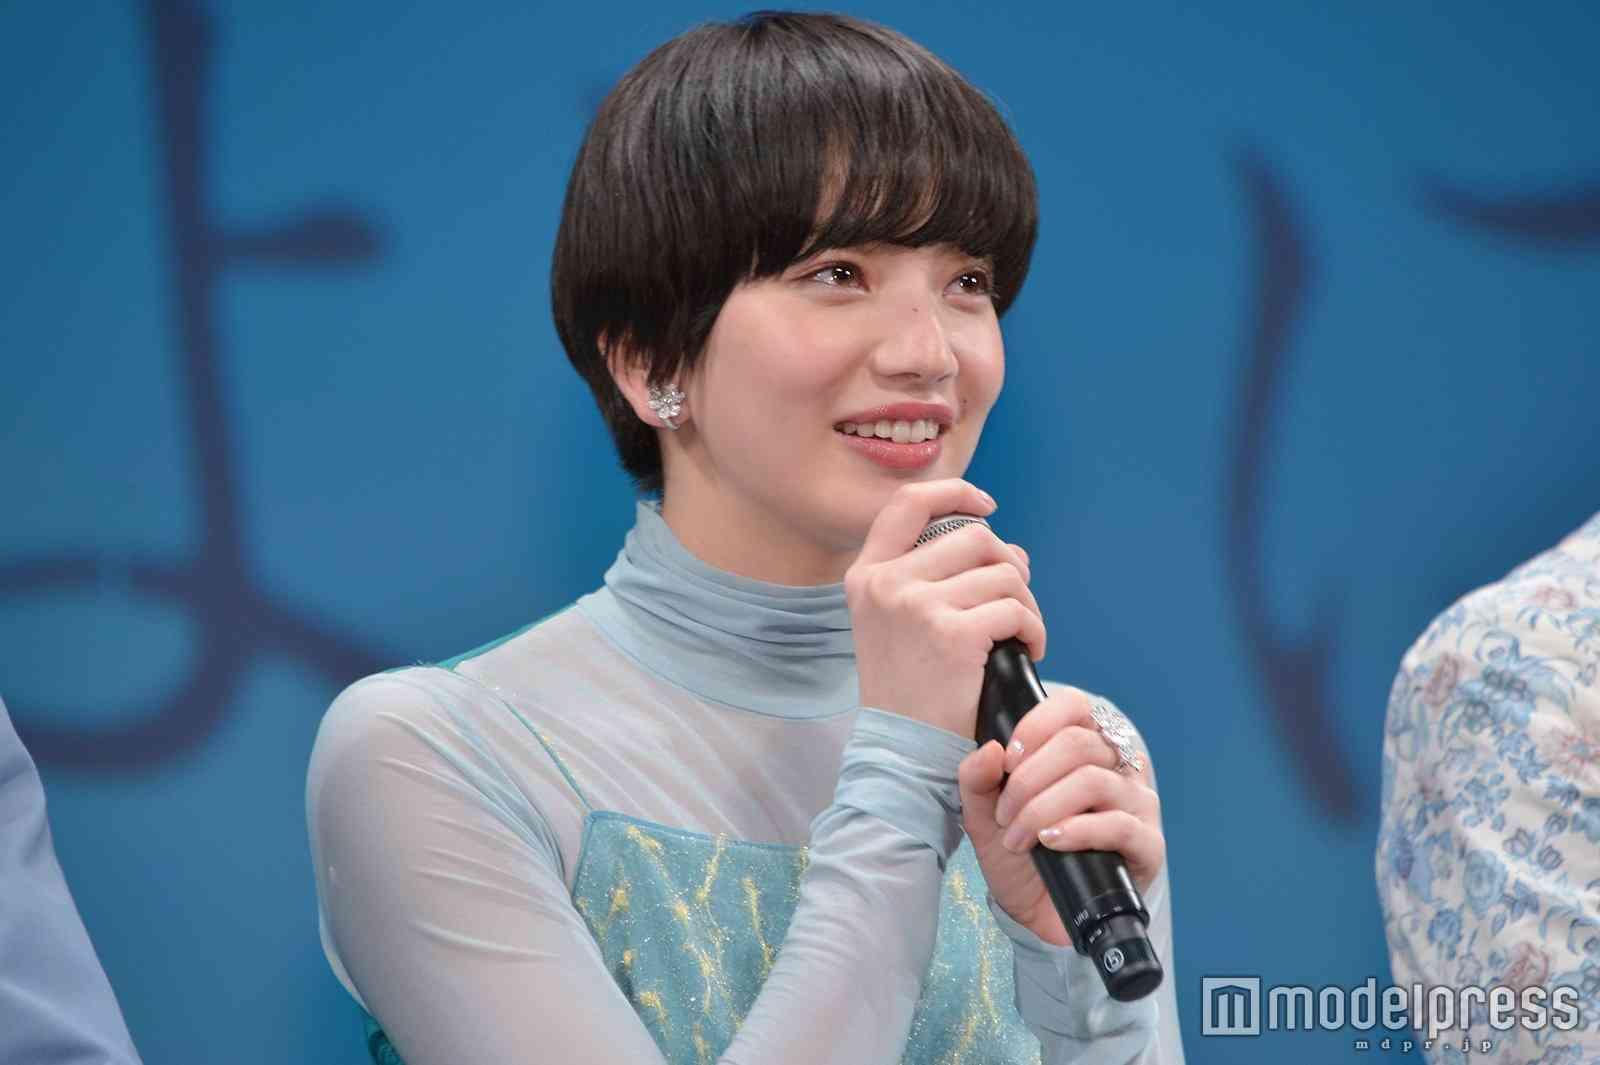 """小松菜奈、黒髪マッシュヘアが""""女神級の美しさ""""と話題「どんどん短くなる」「見惚れちゃう」"""